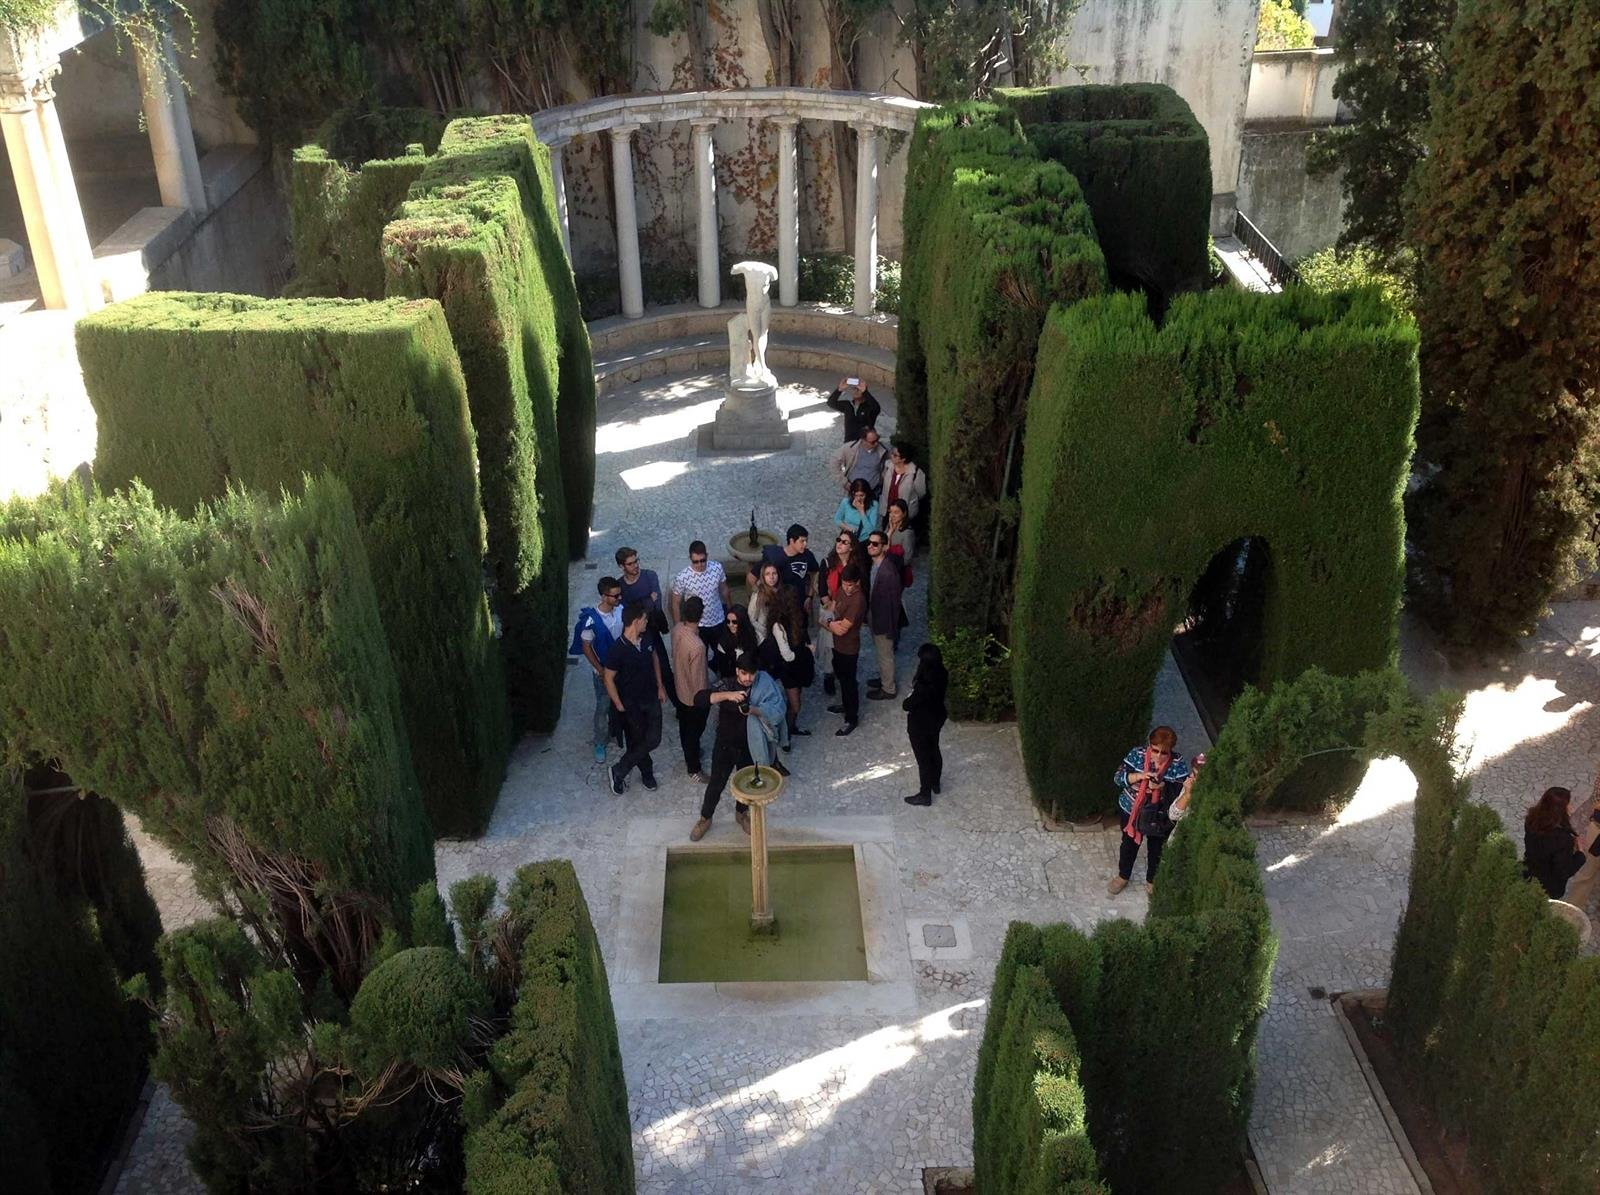 La Fundación Rodríguez-Acosta reanuda la visita pública el 1 de julio